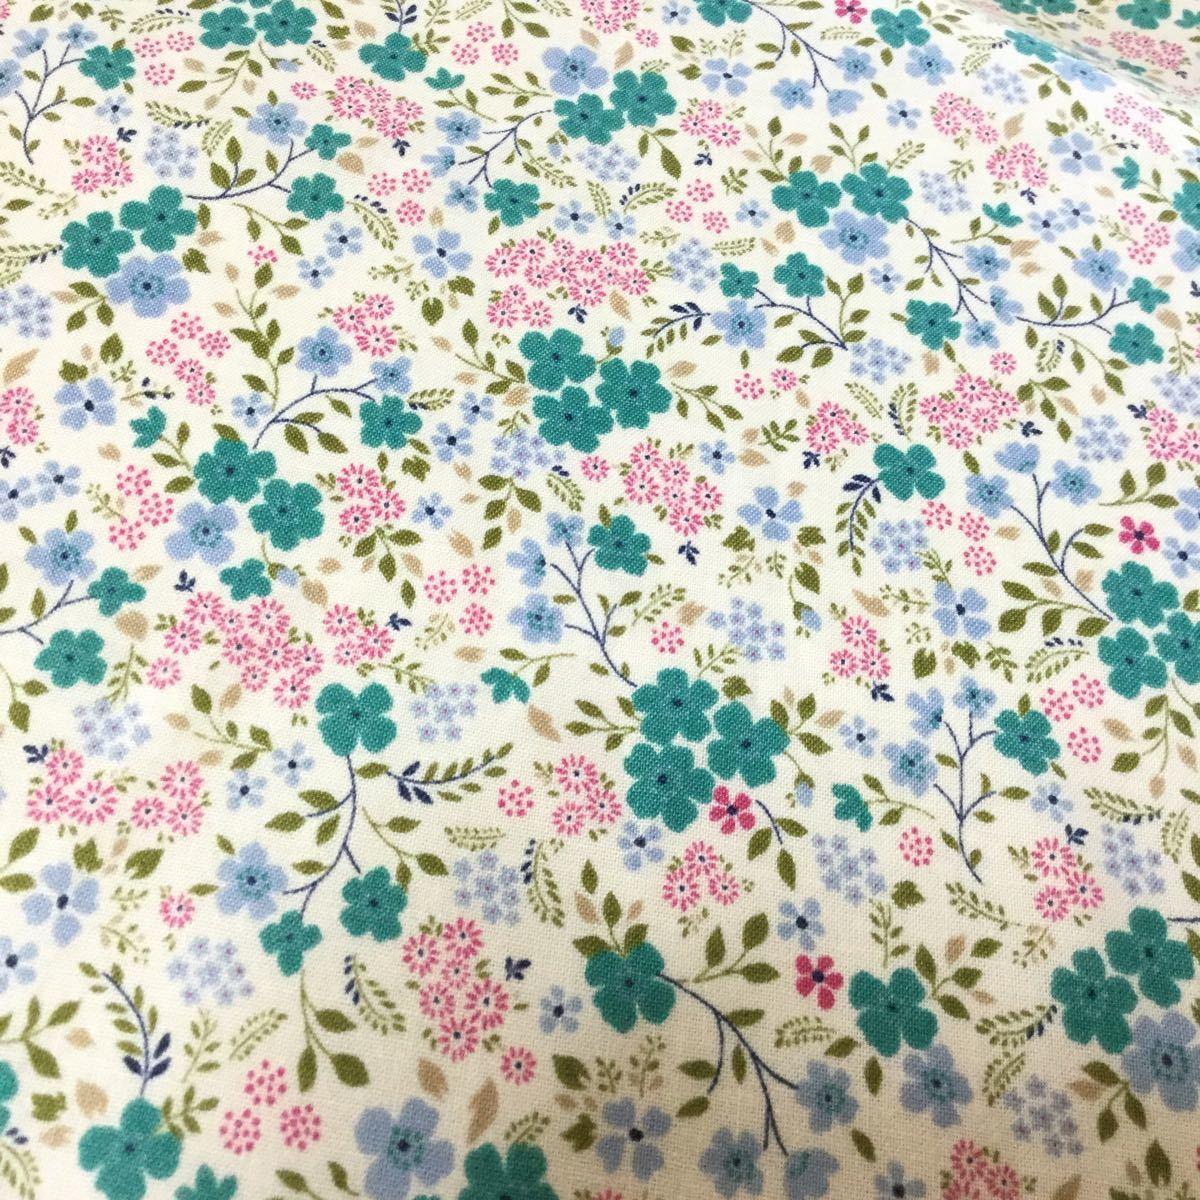 ボタニカル柄コットン生地 生地巾×50センチ ブルーフラワー